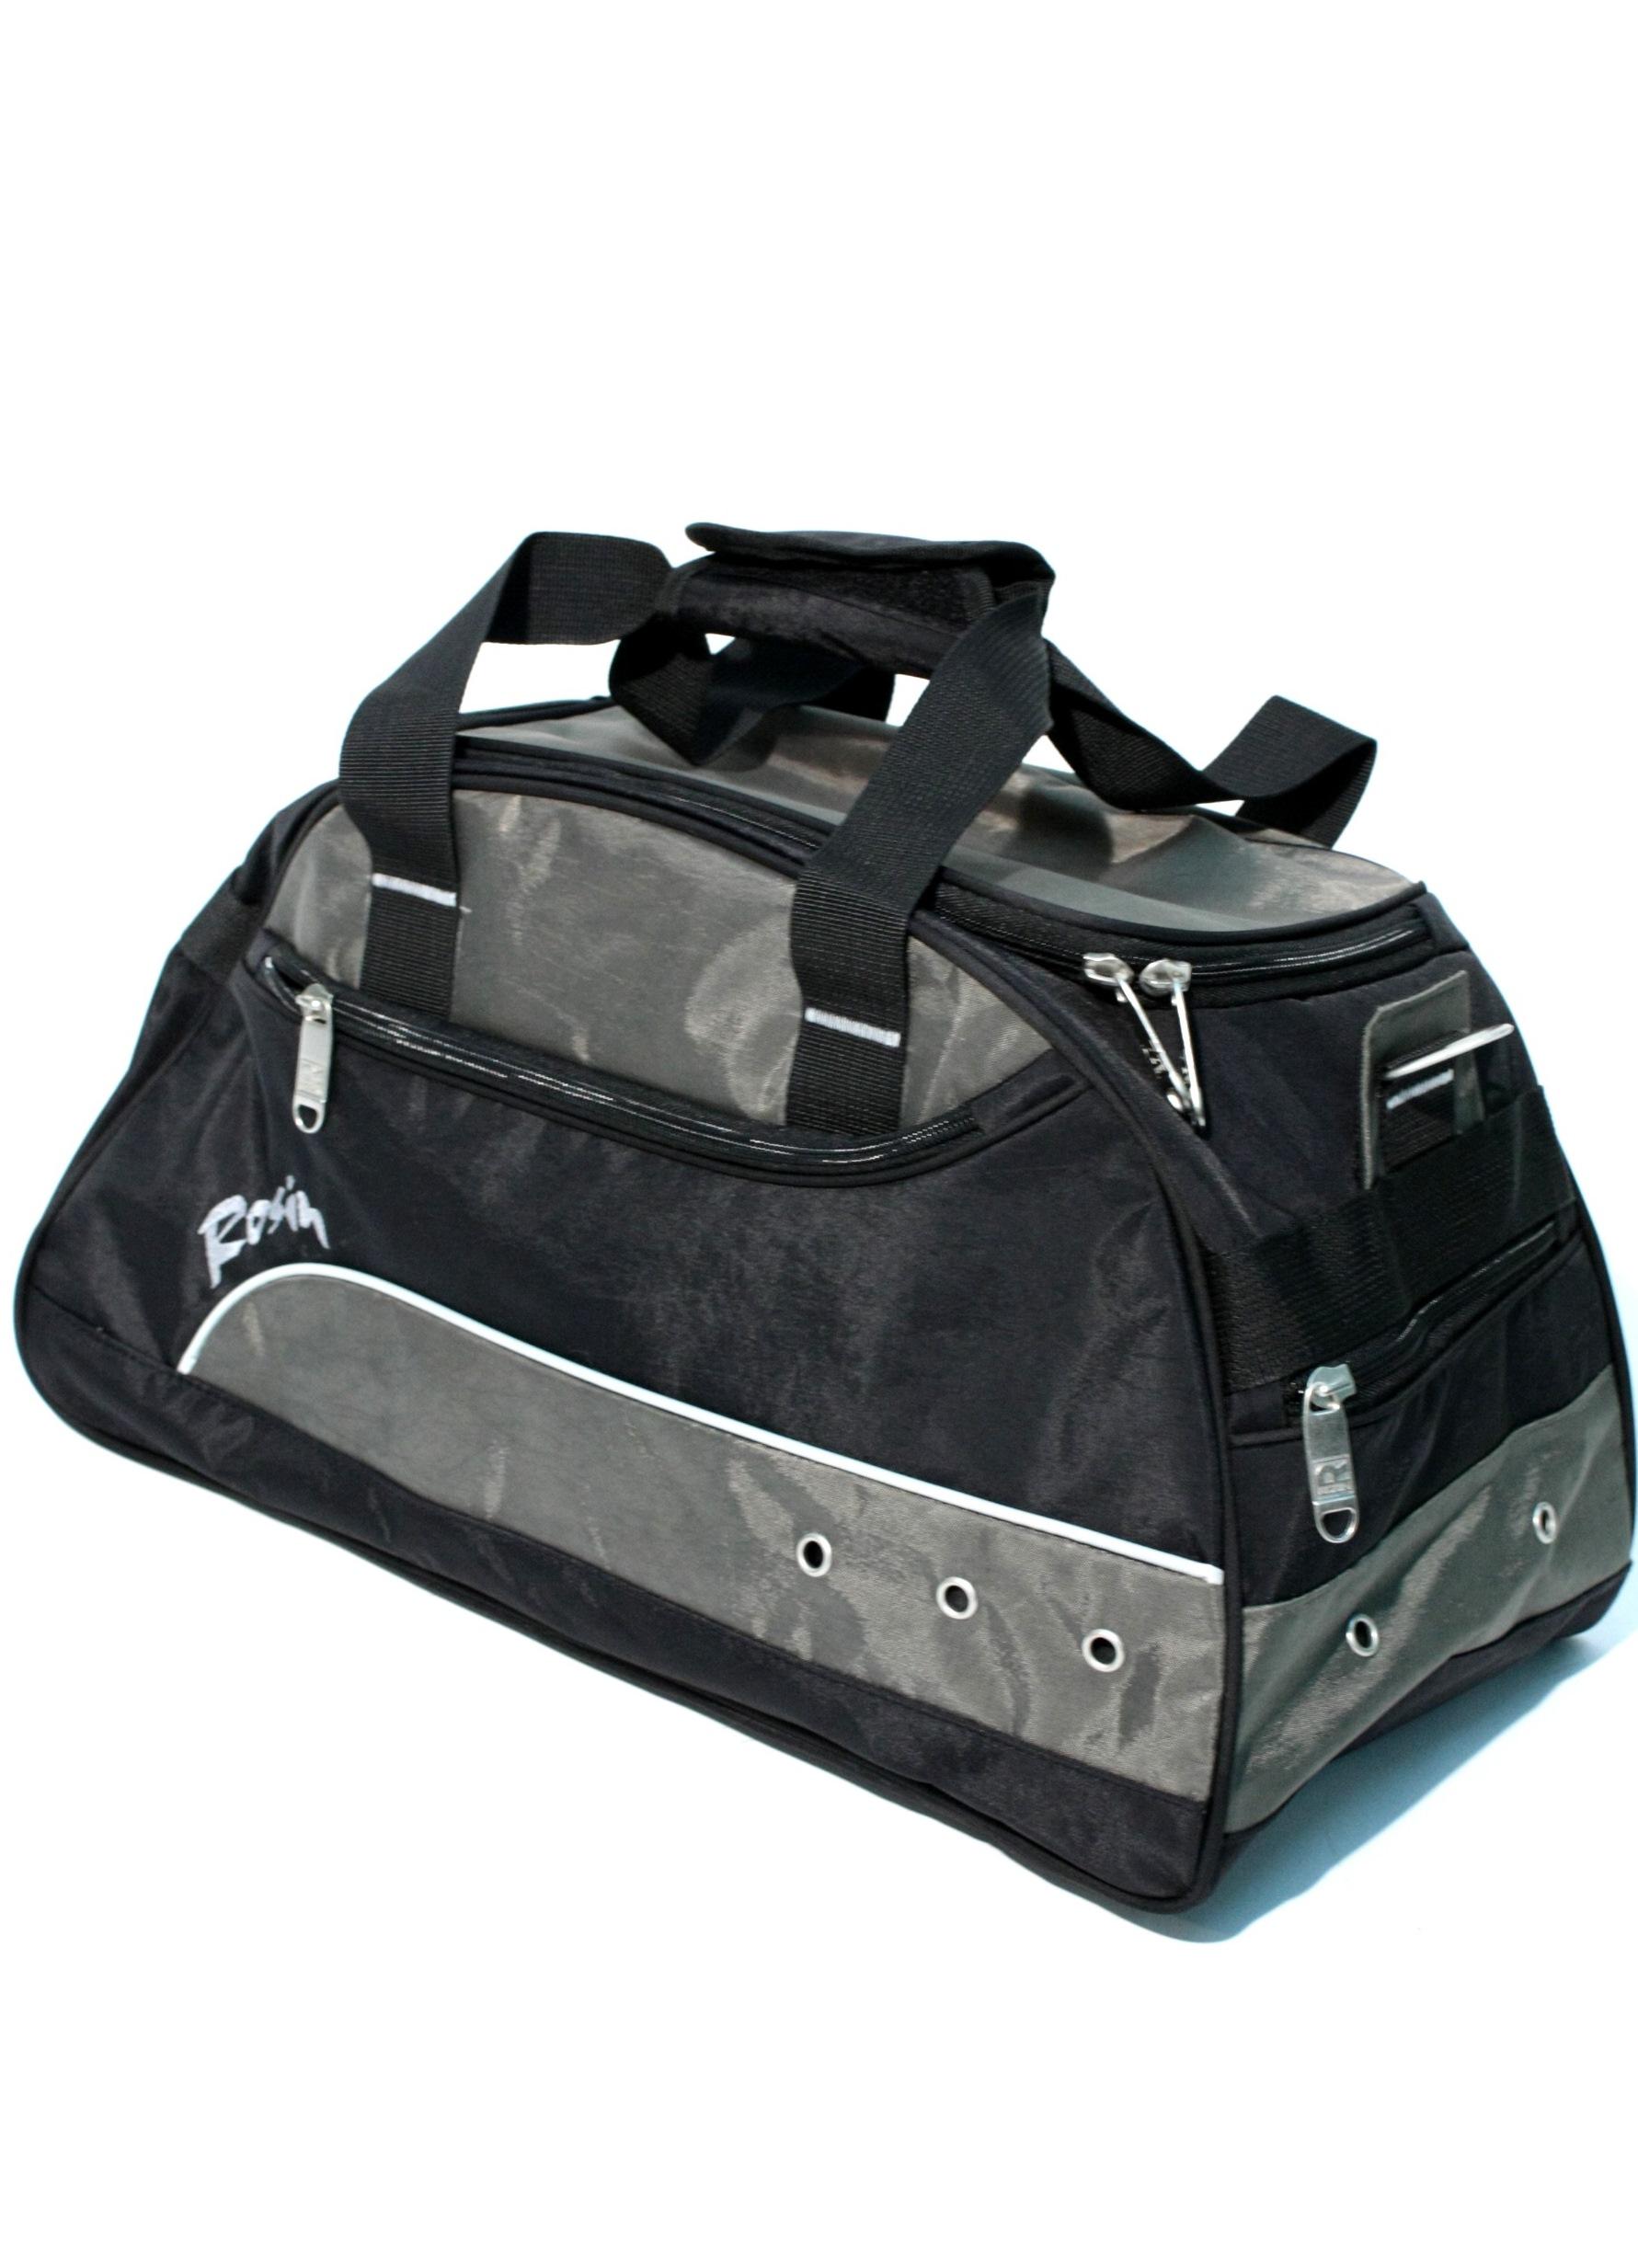 d547a5c7f769 женские спортивные сумки для фитнеса7 ...